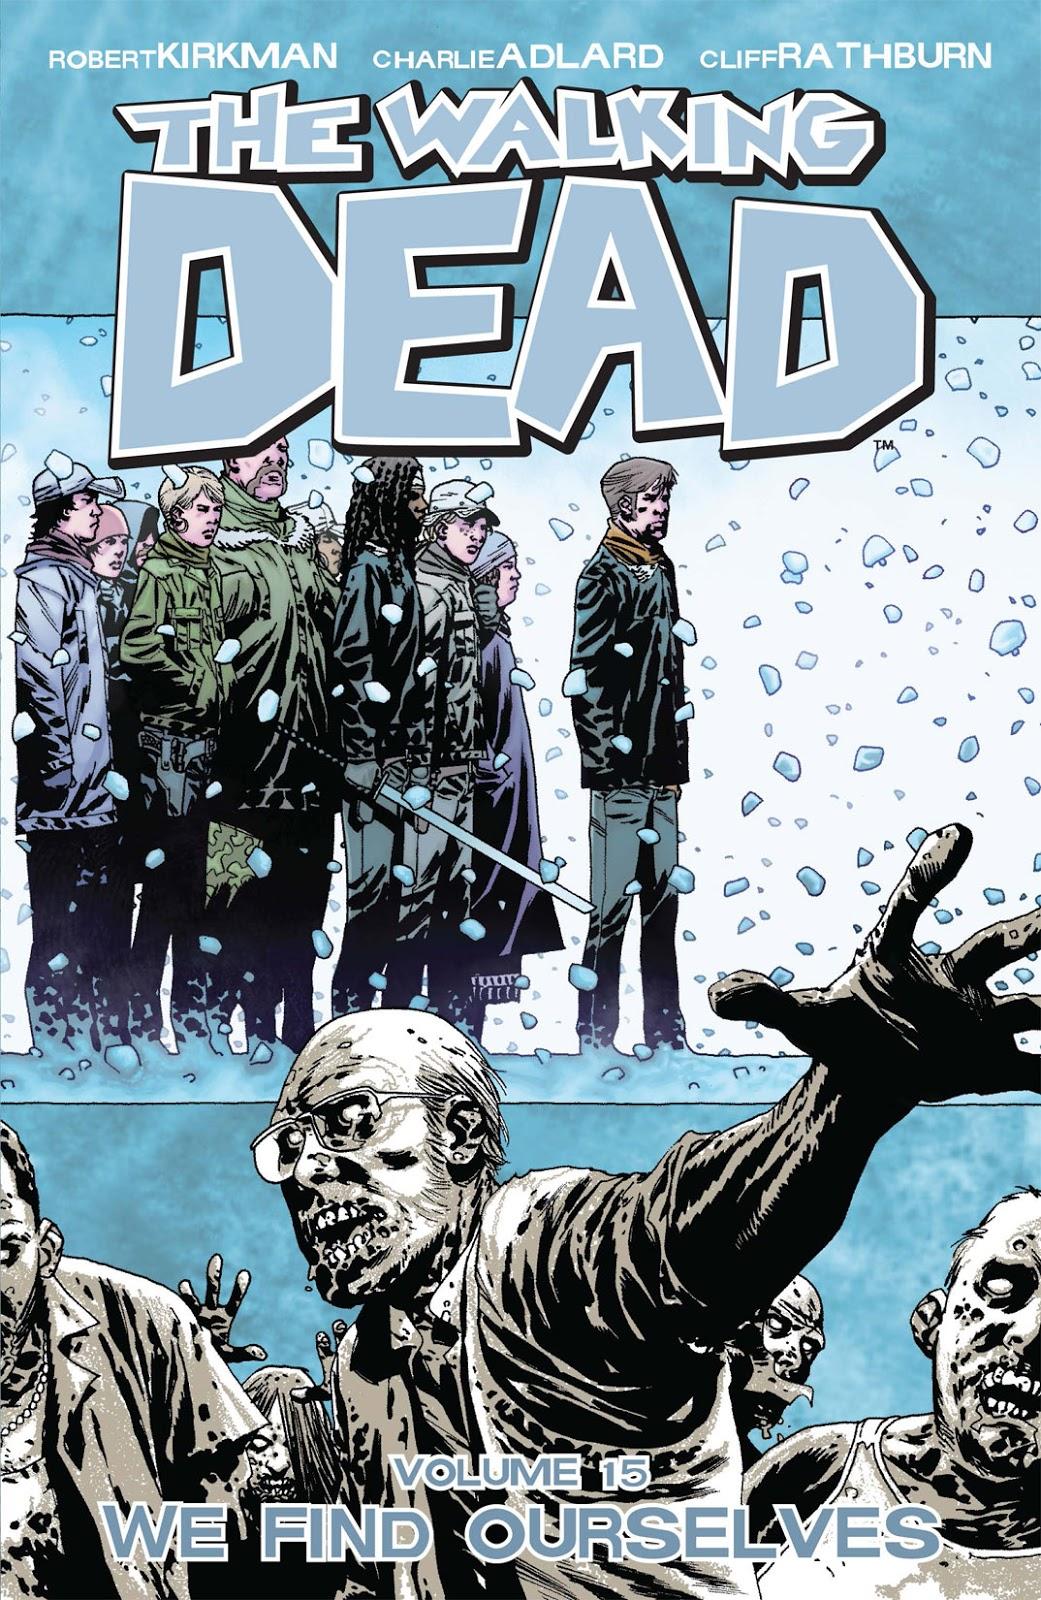 the walking dead volume 15